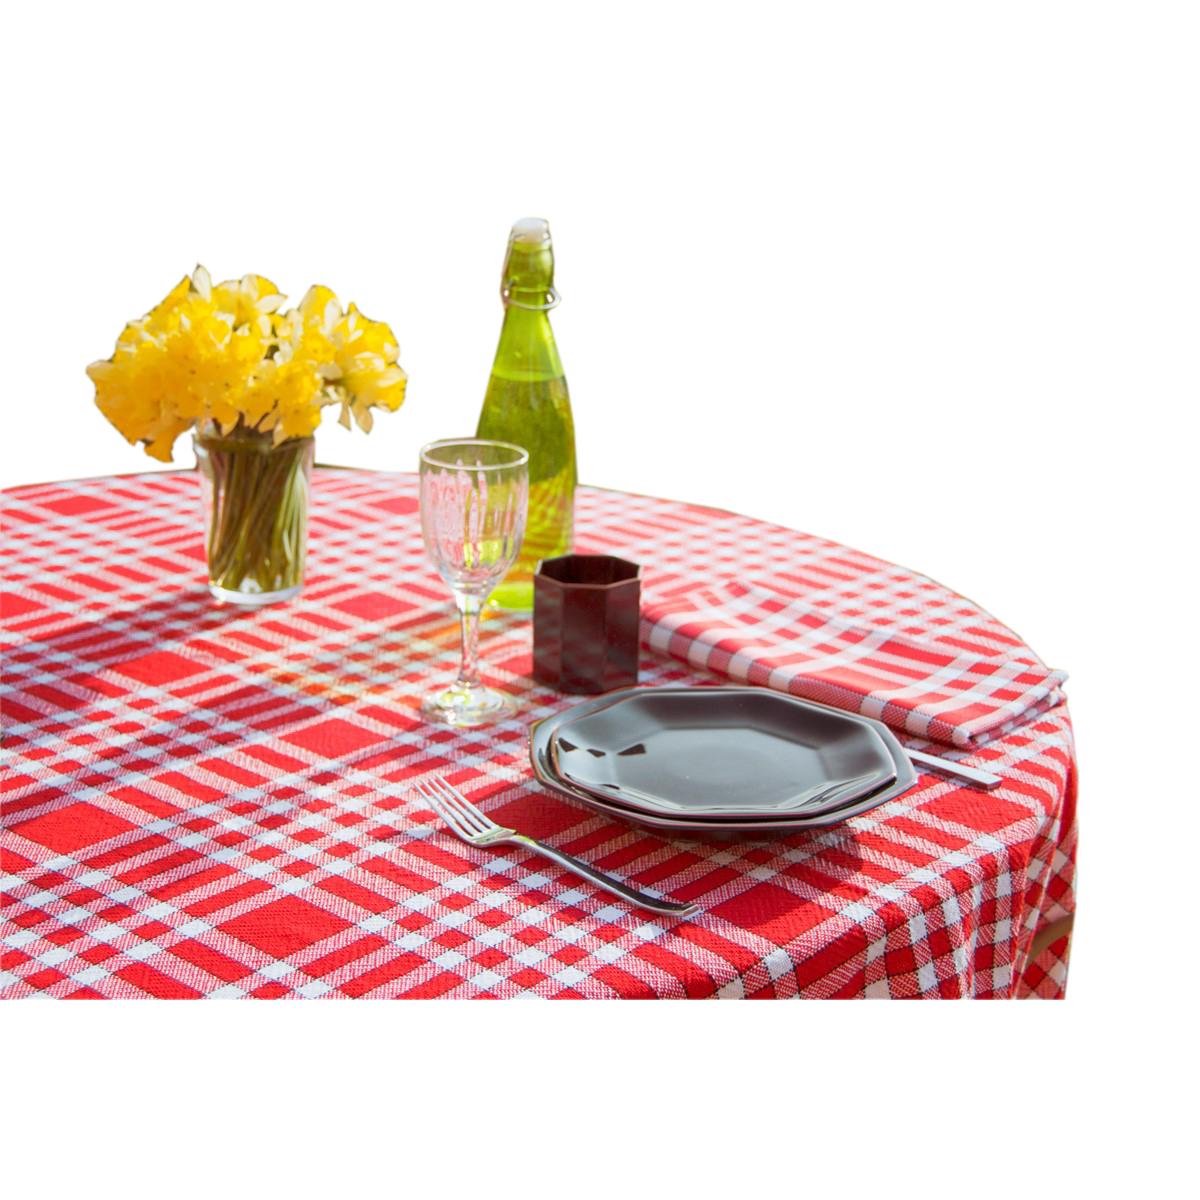 Nappe tissu carreaux vichy en coton rouge 150x200 cm